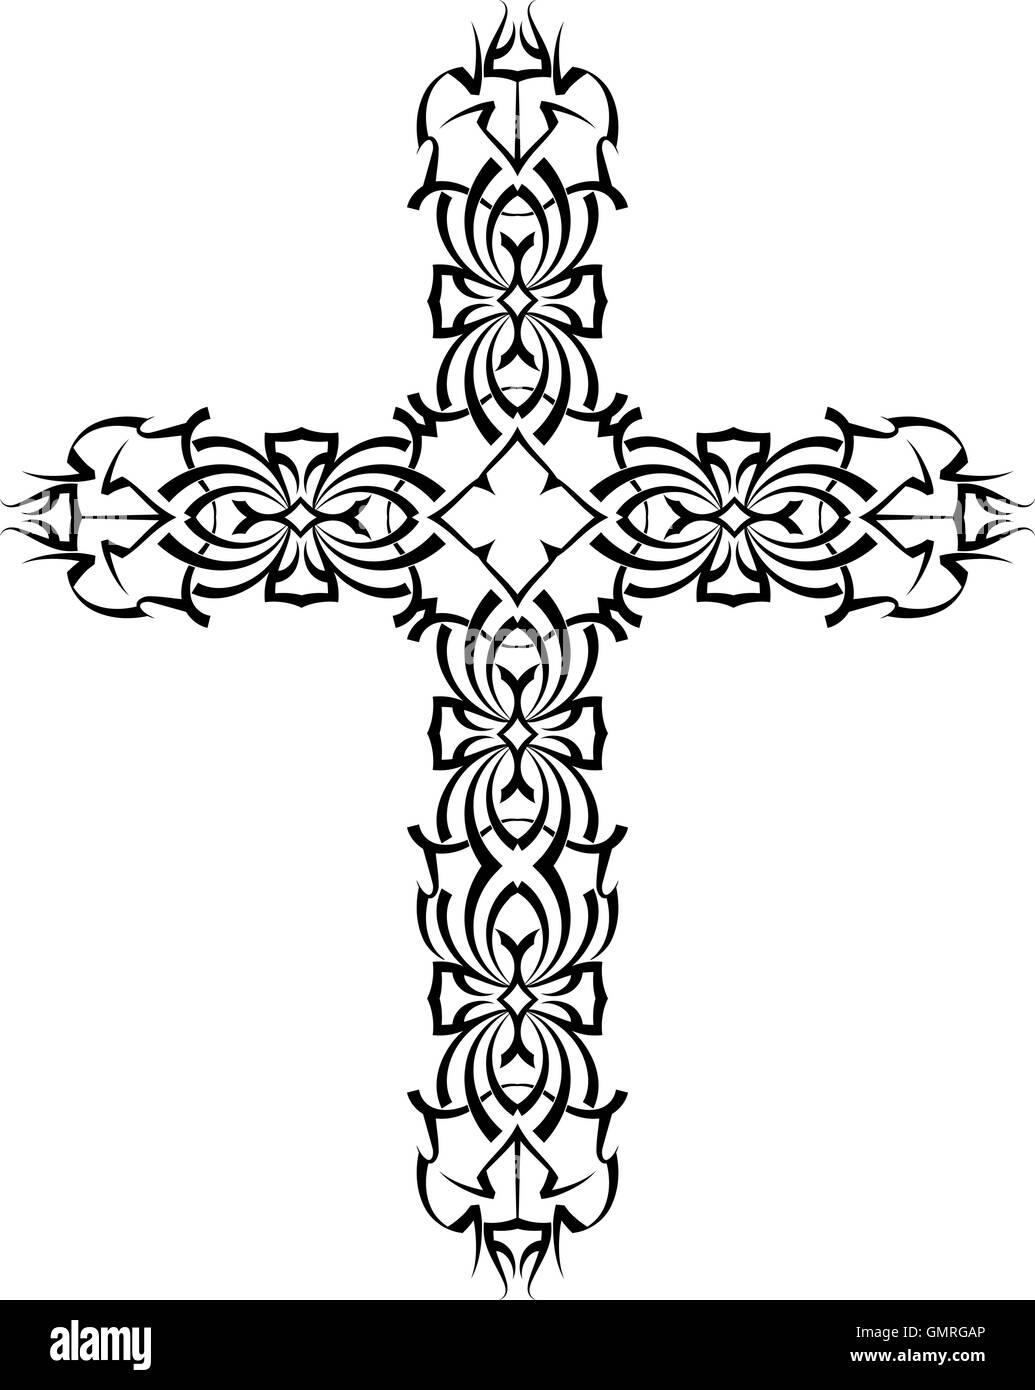 Tatouage Croix Chretienne Vecteurs Et Illustration Image